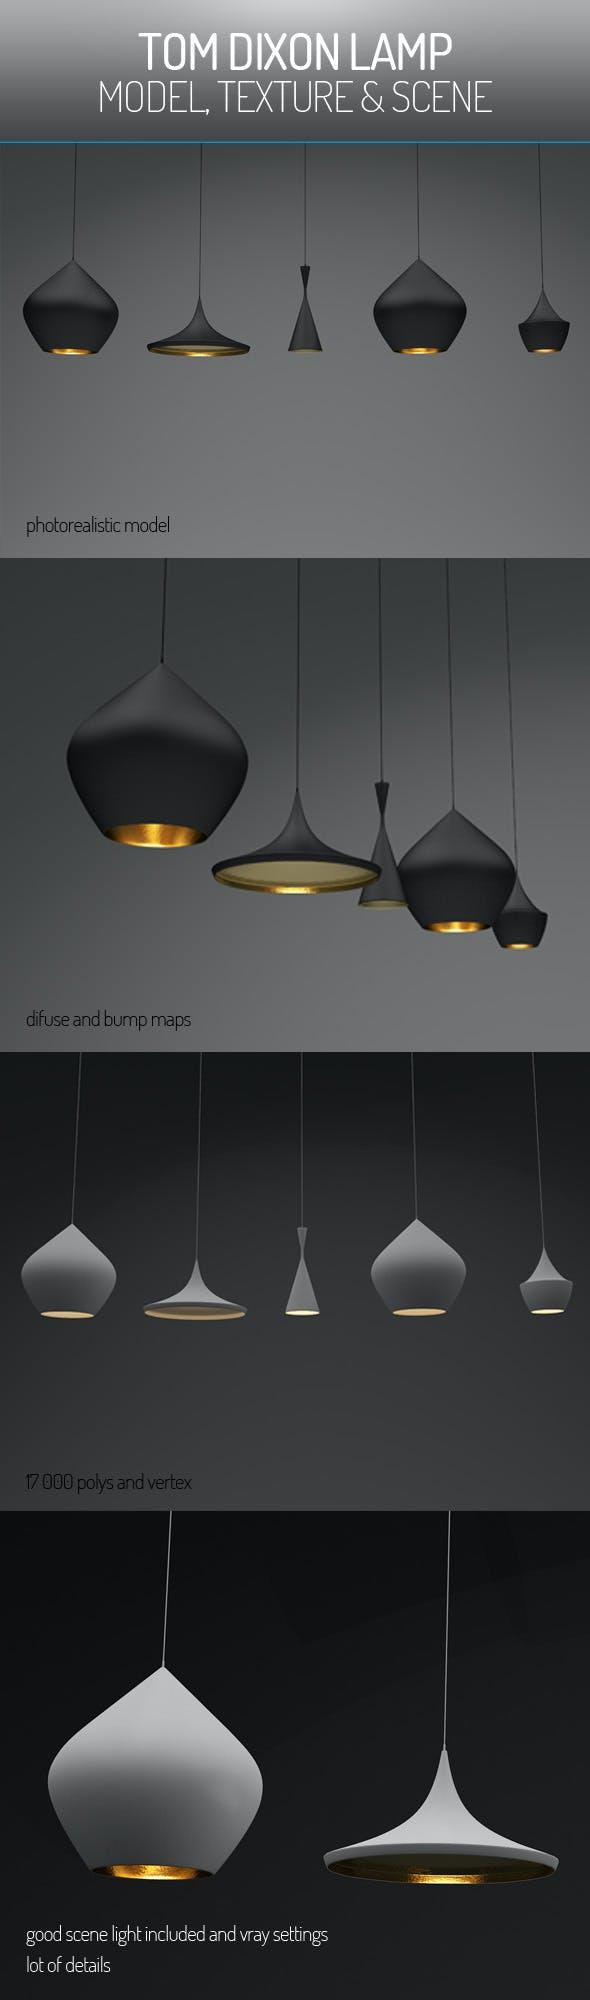 Tom Dixon Lamp - 3DOcean Item for Sale